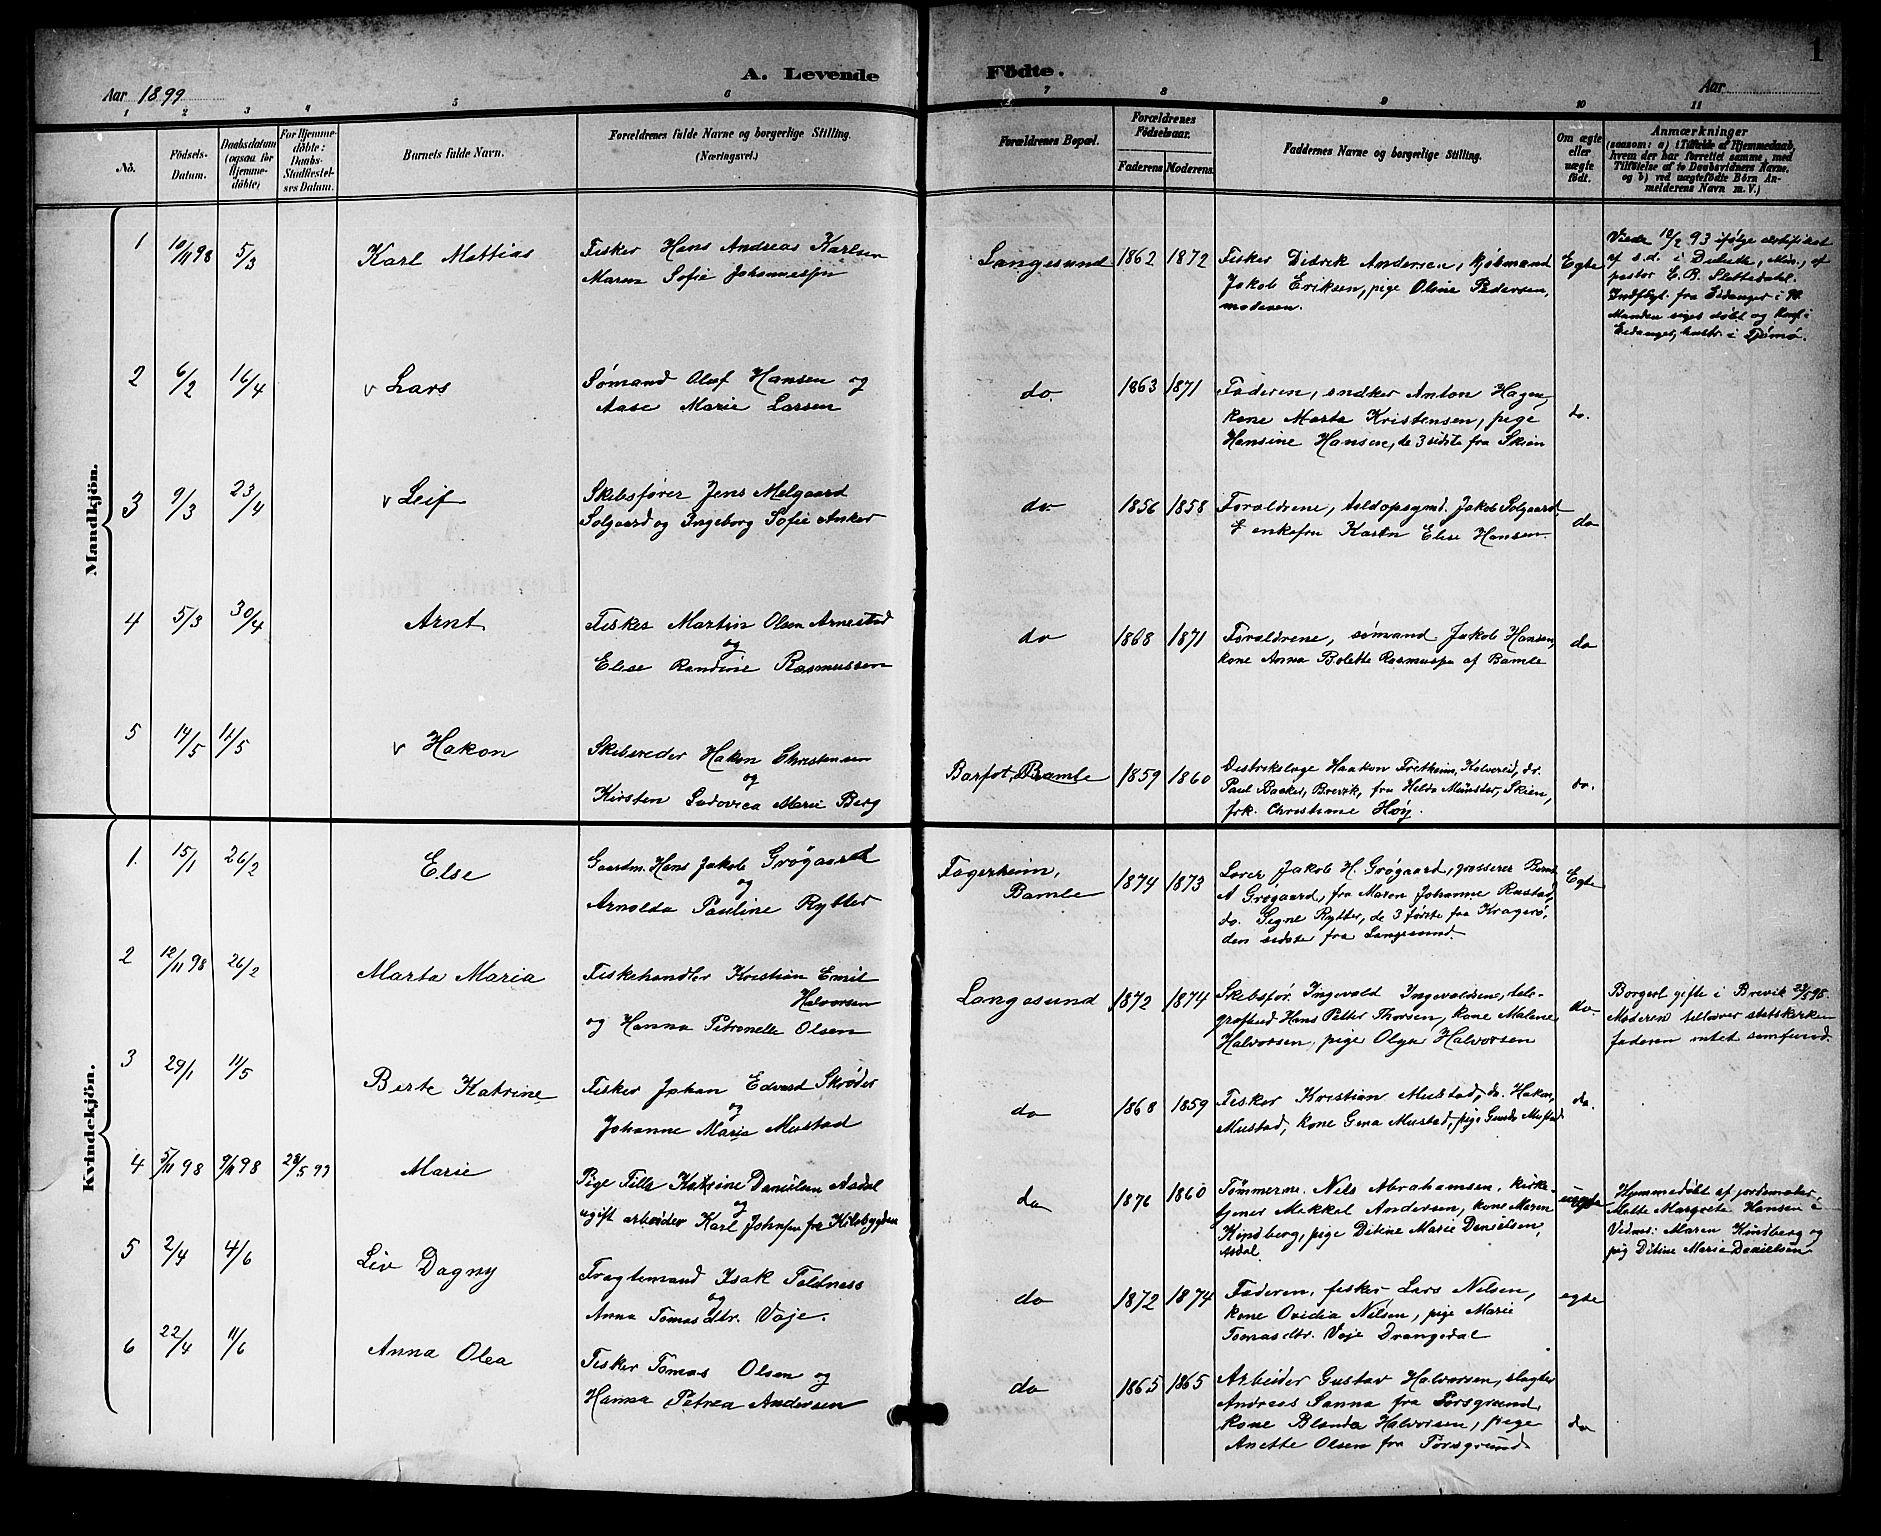 SAKO, Langesund kirkebøker, G/Ga/L0006: Klokkerbok nr. 6, 1899-1918, s. 1